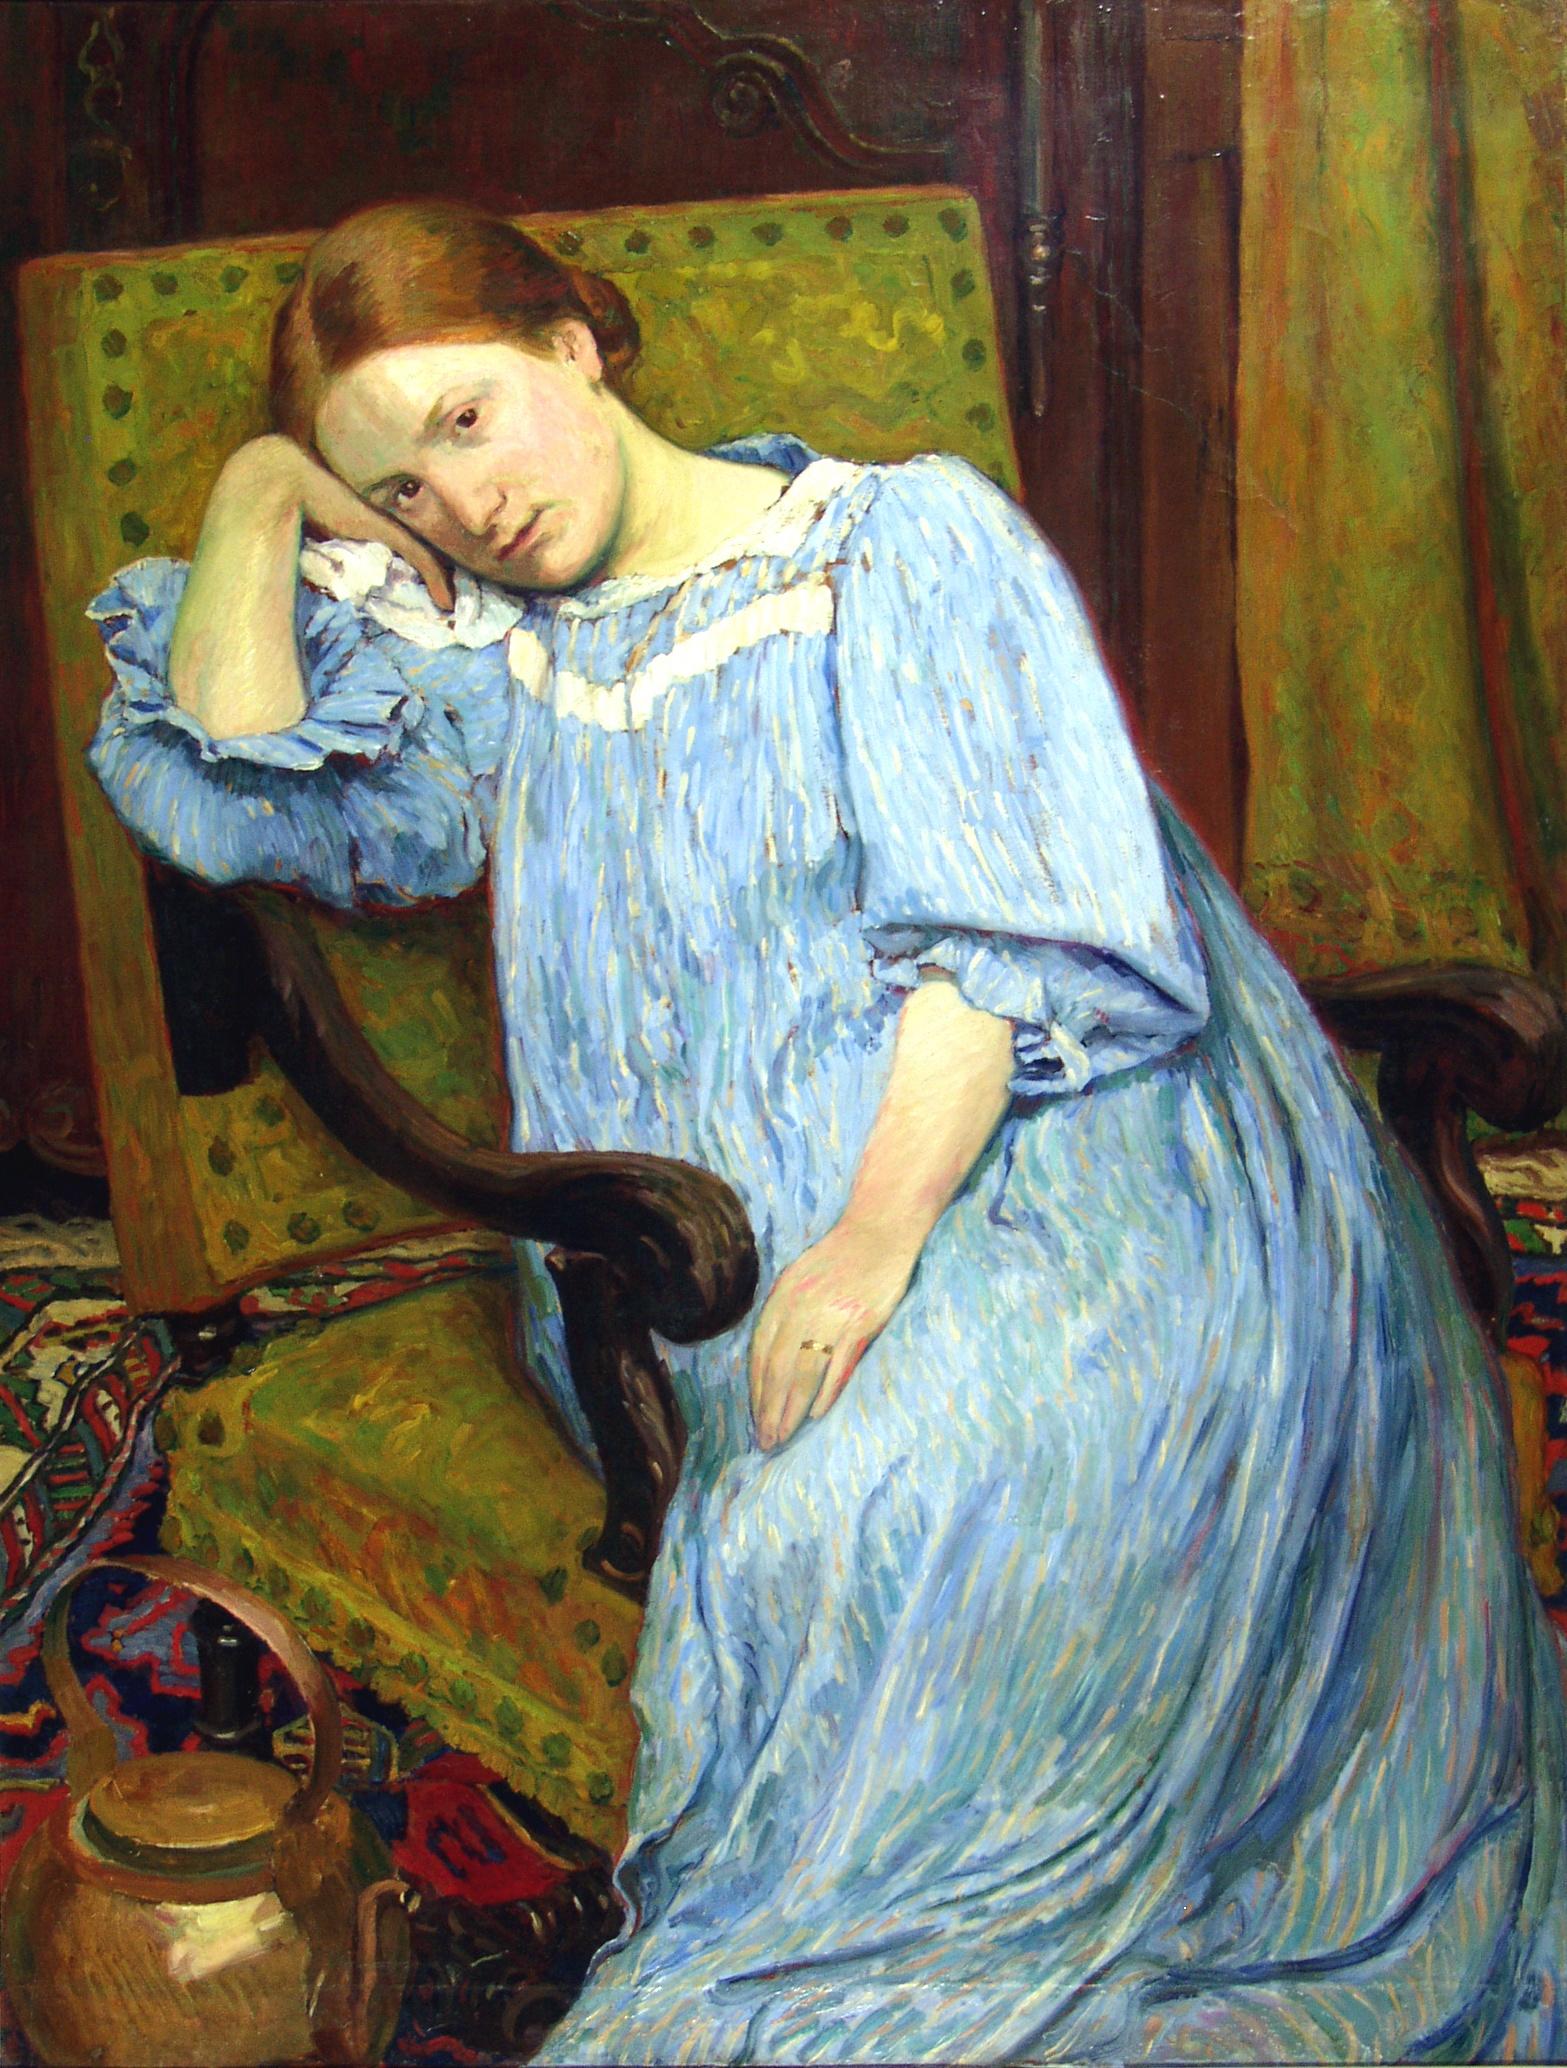 Oeuvre : Précisions - Portrait de la femme de l'artiste | Les Musées de  Narbonne